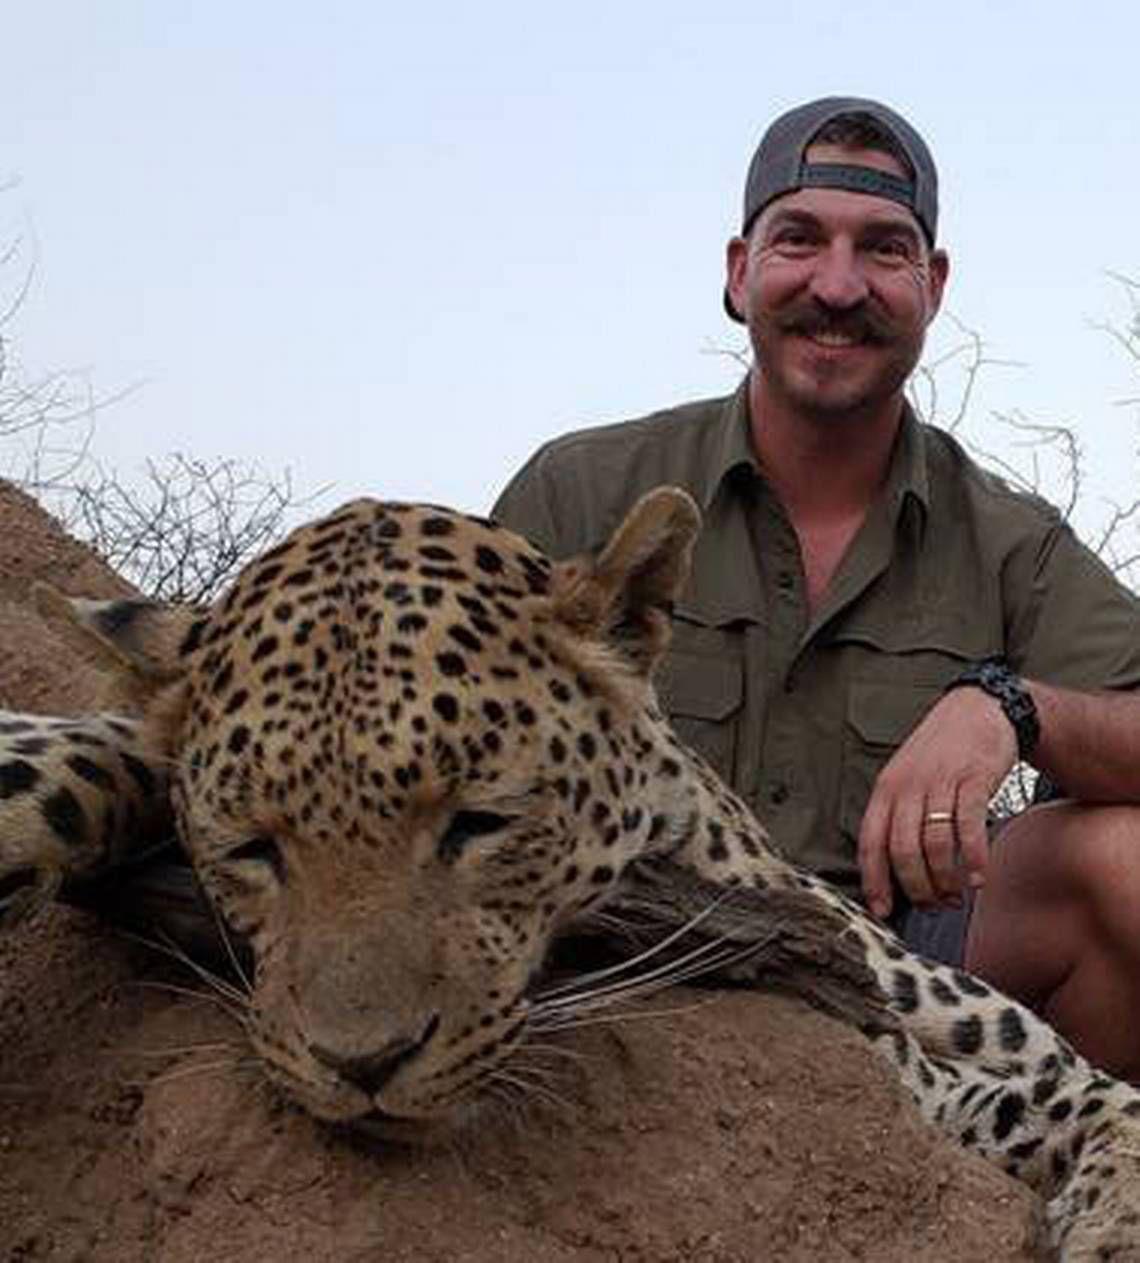 Idaho Gov  Butch Otter says hunter 'tainted' Idaho's